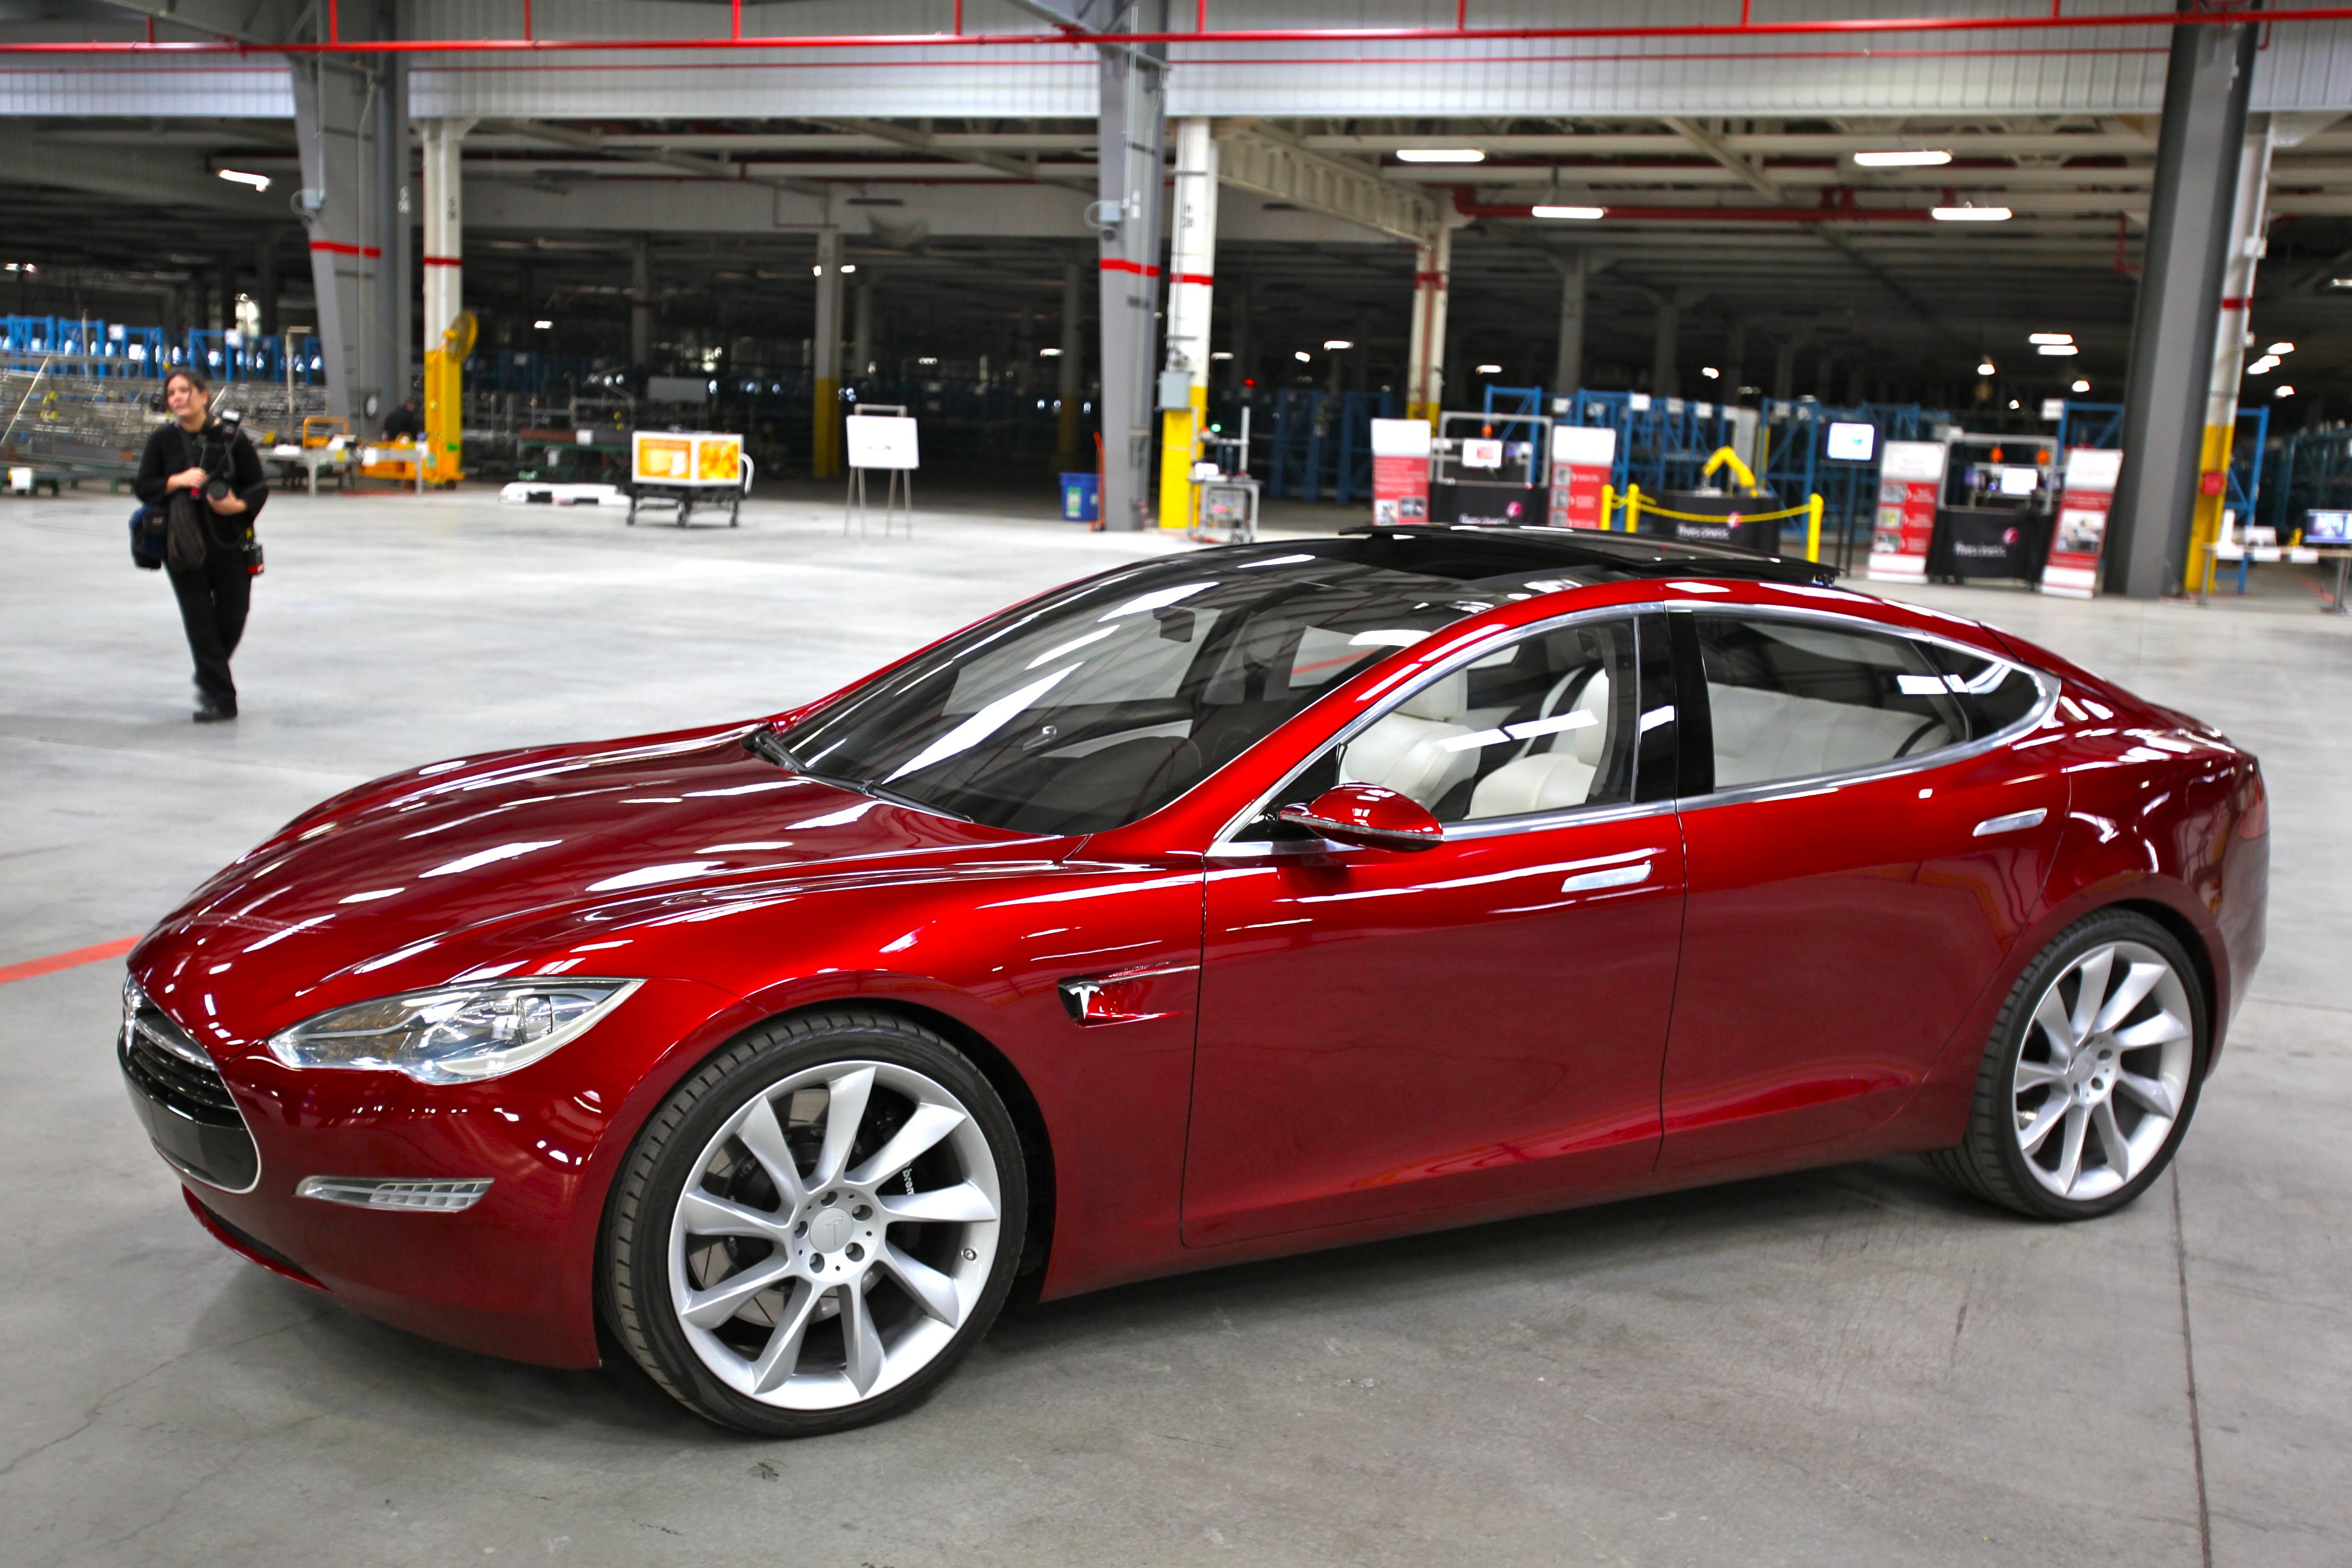 Tesla Motor Wikipedia - Tesla Image